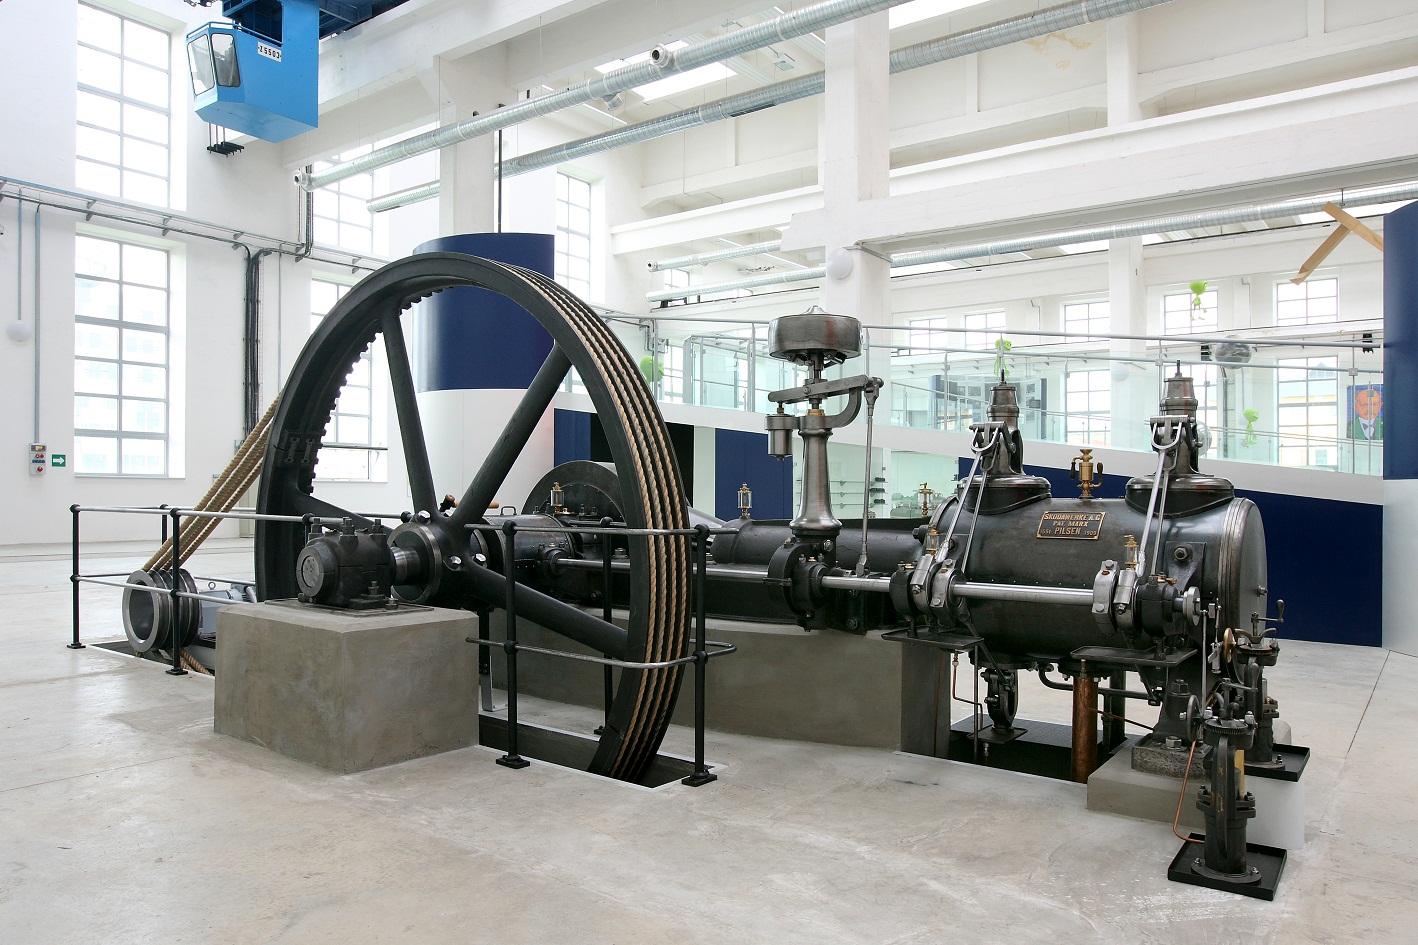 Description Parní stroj Marx v Techmanii.jpg